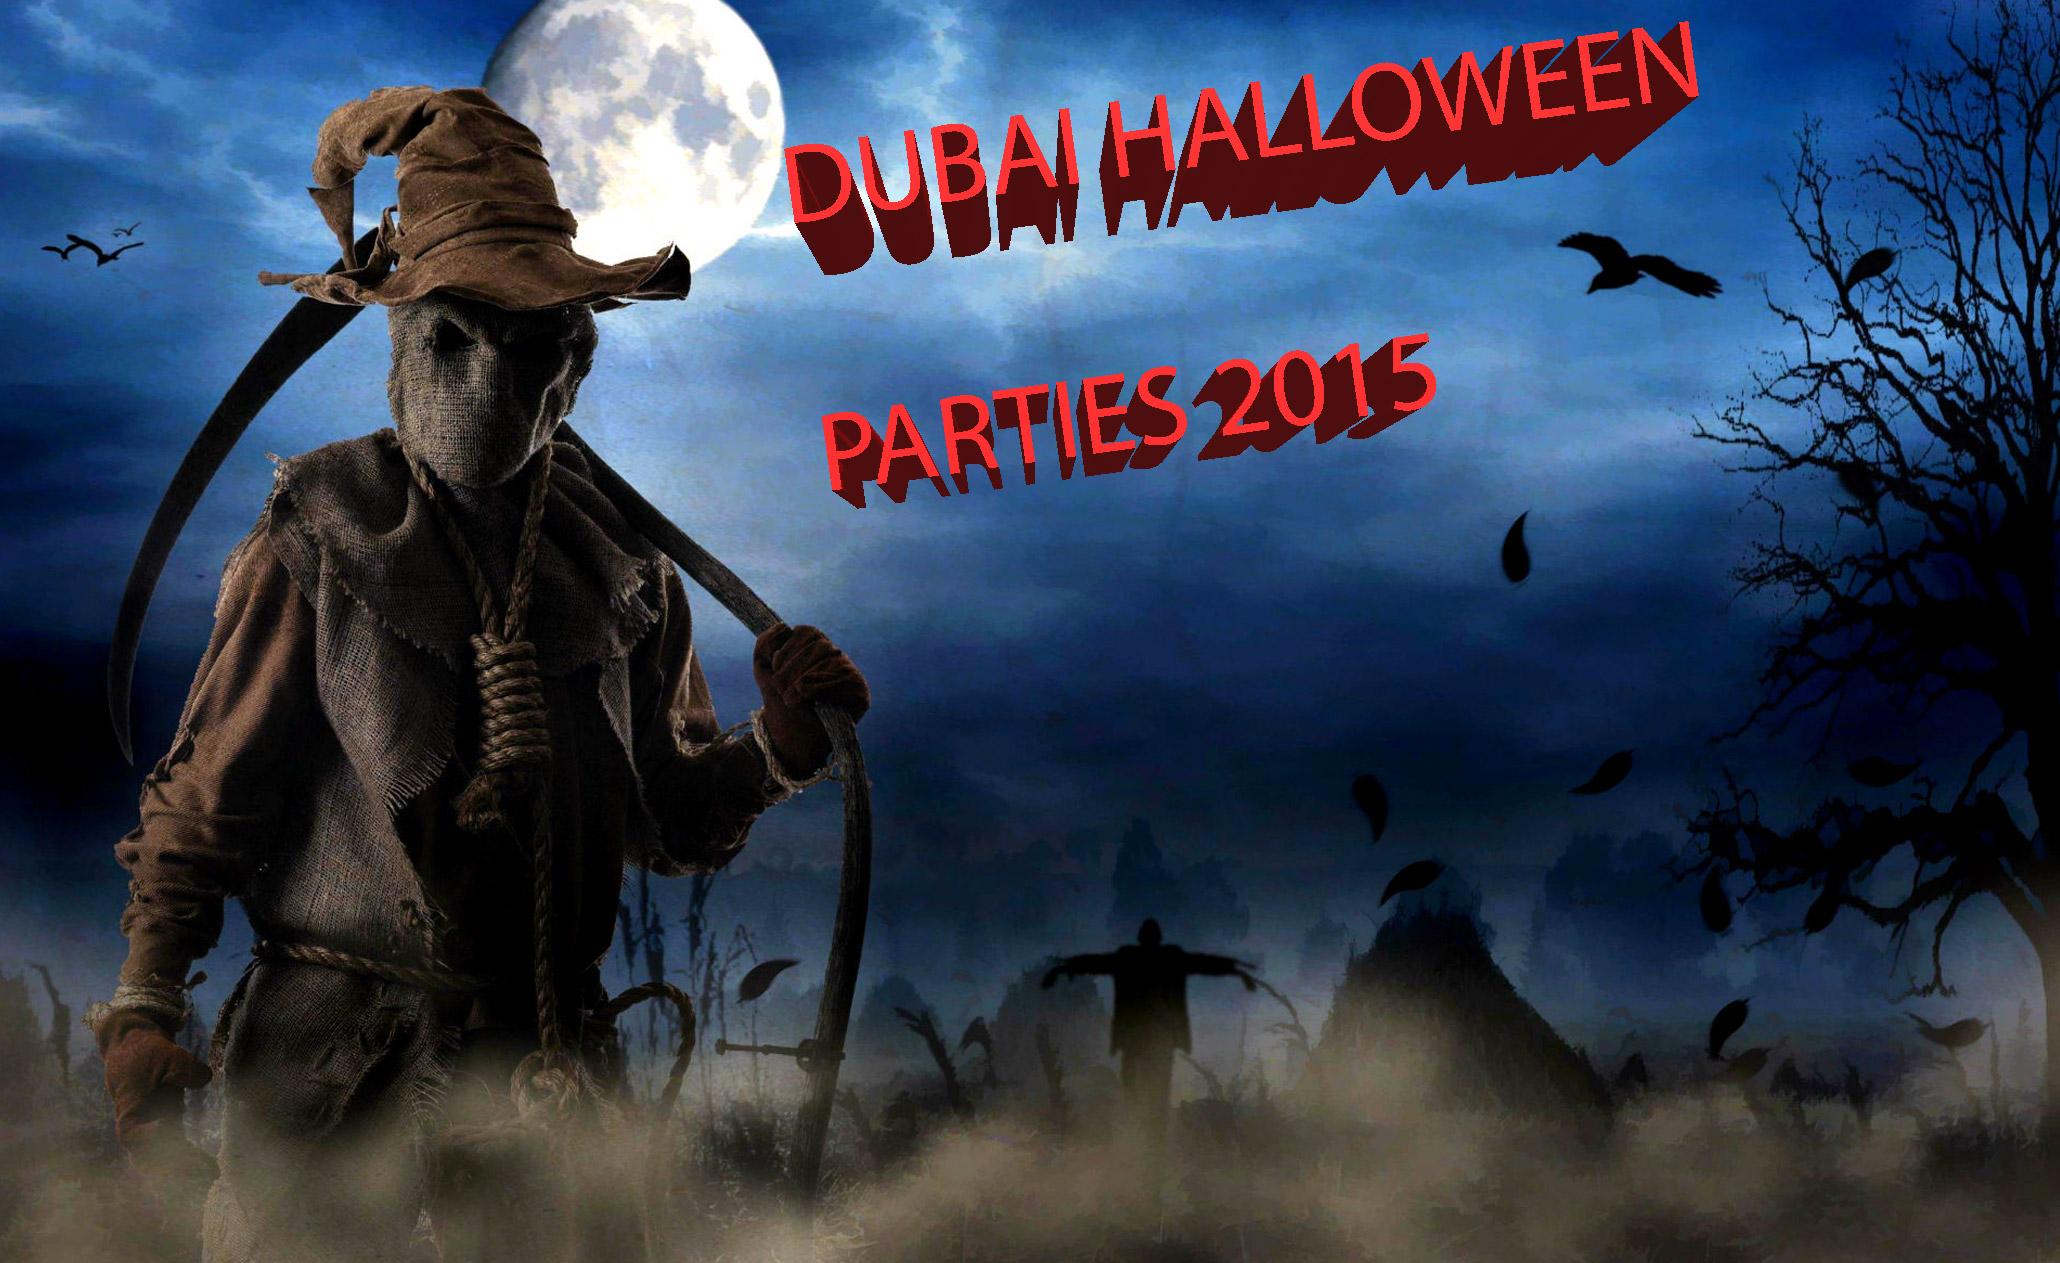 List of halloween parties in dubai